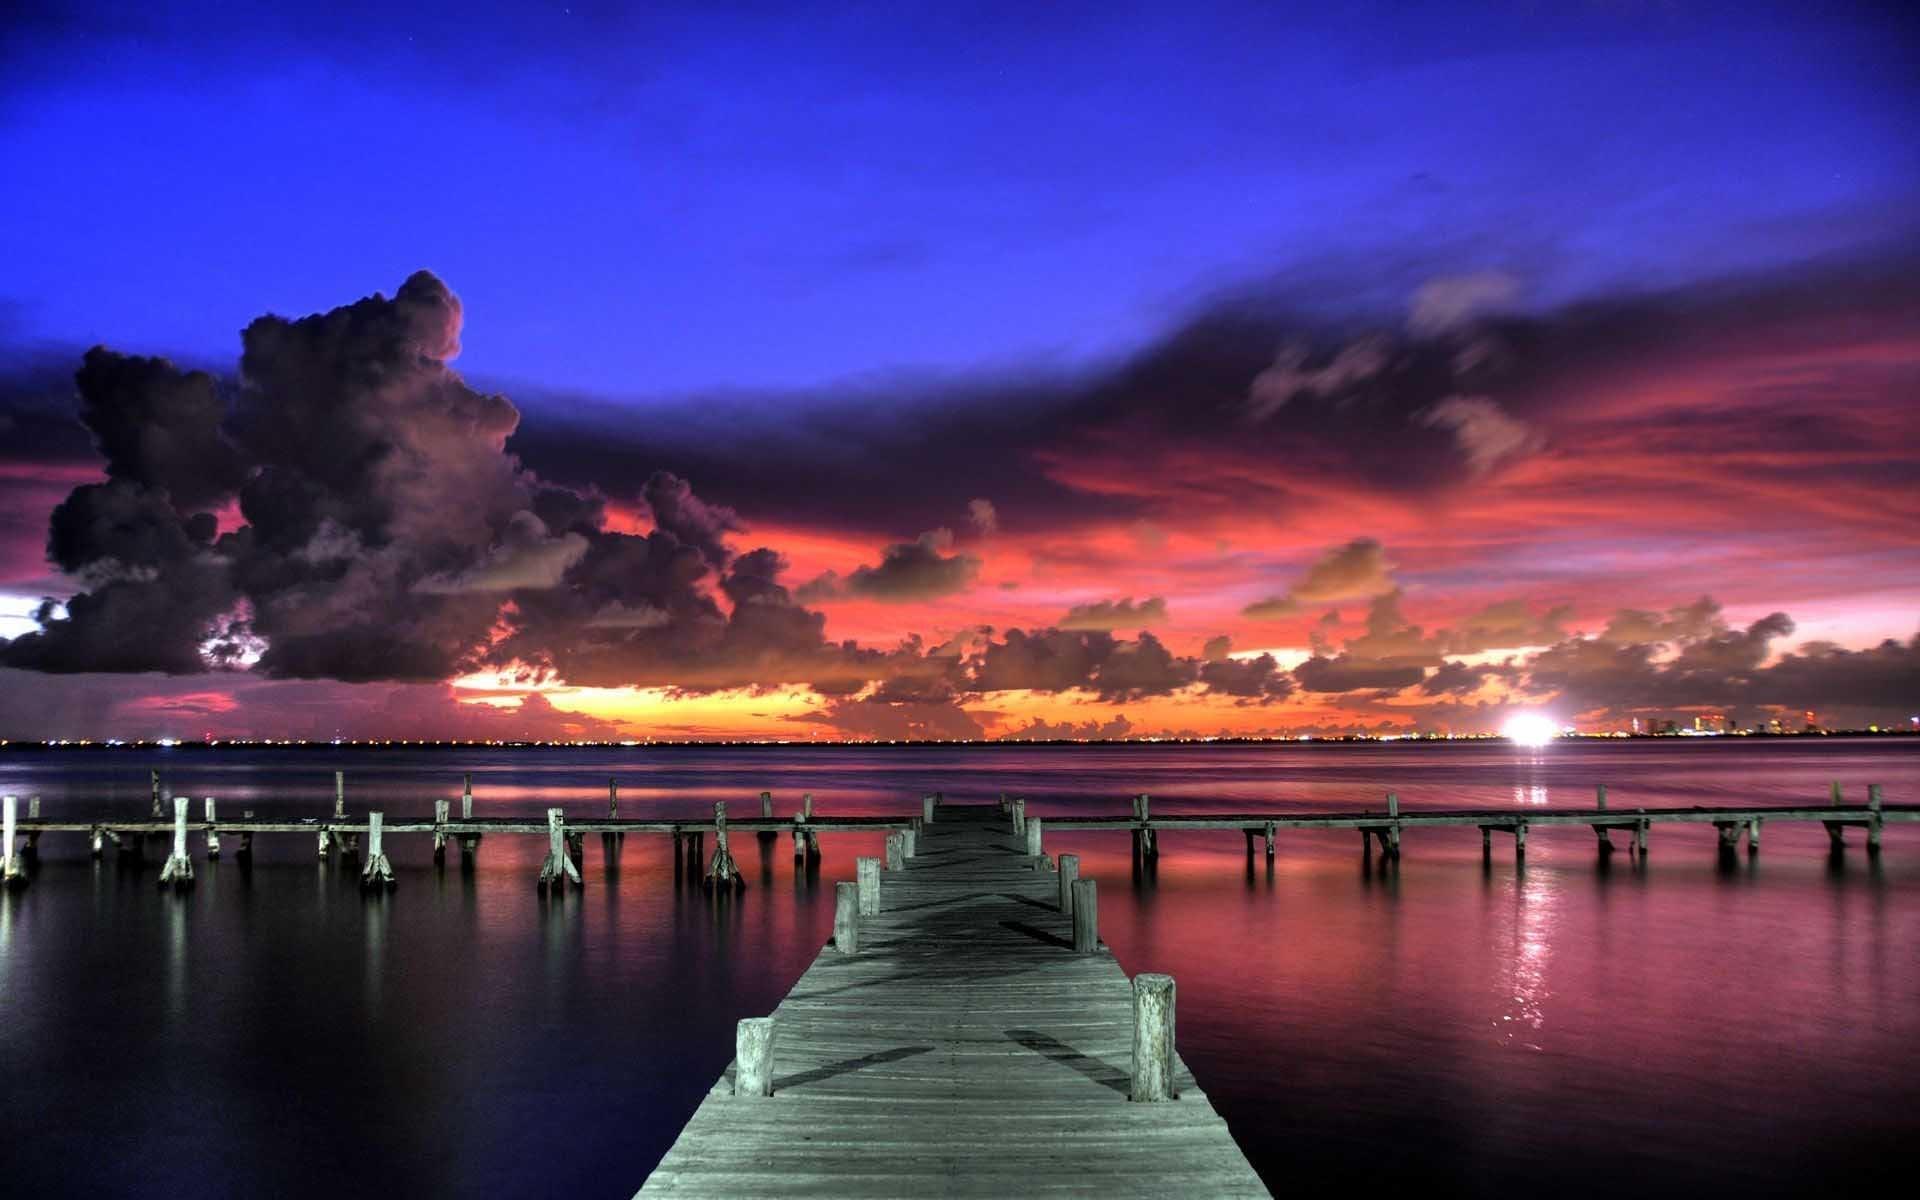 summer sunset desktop wallpapertrip photos background wallpaper for